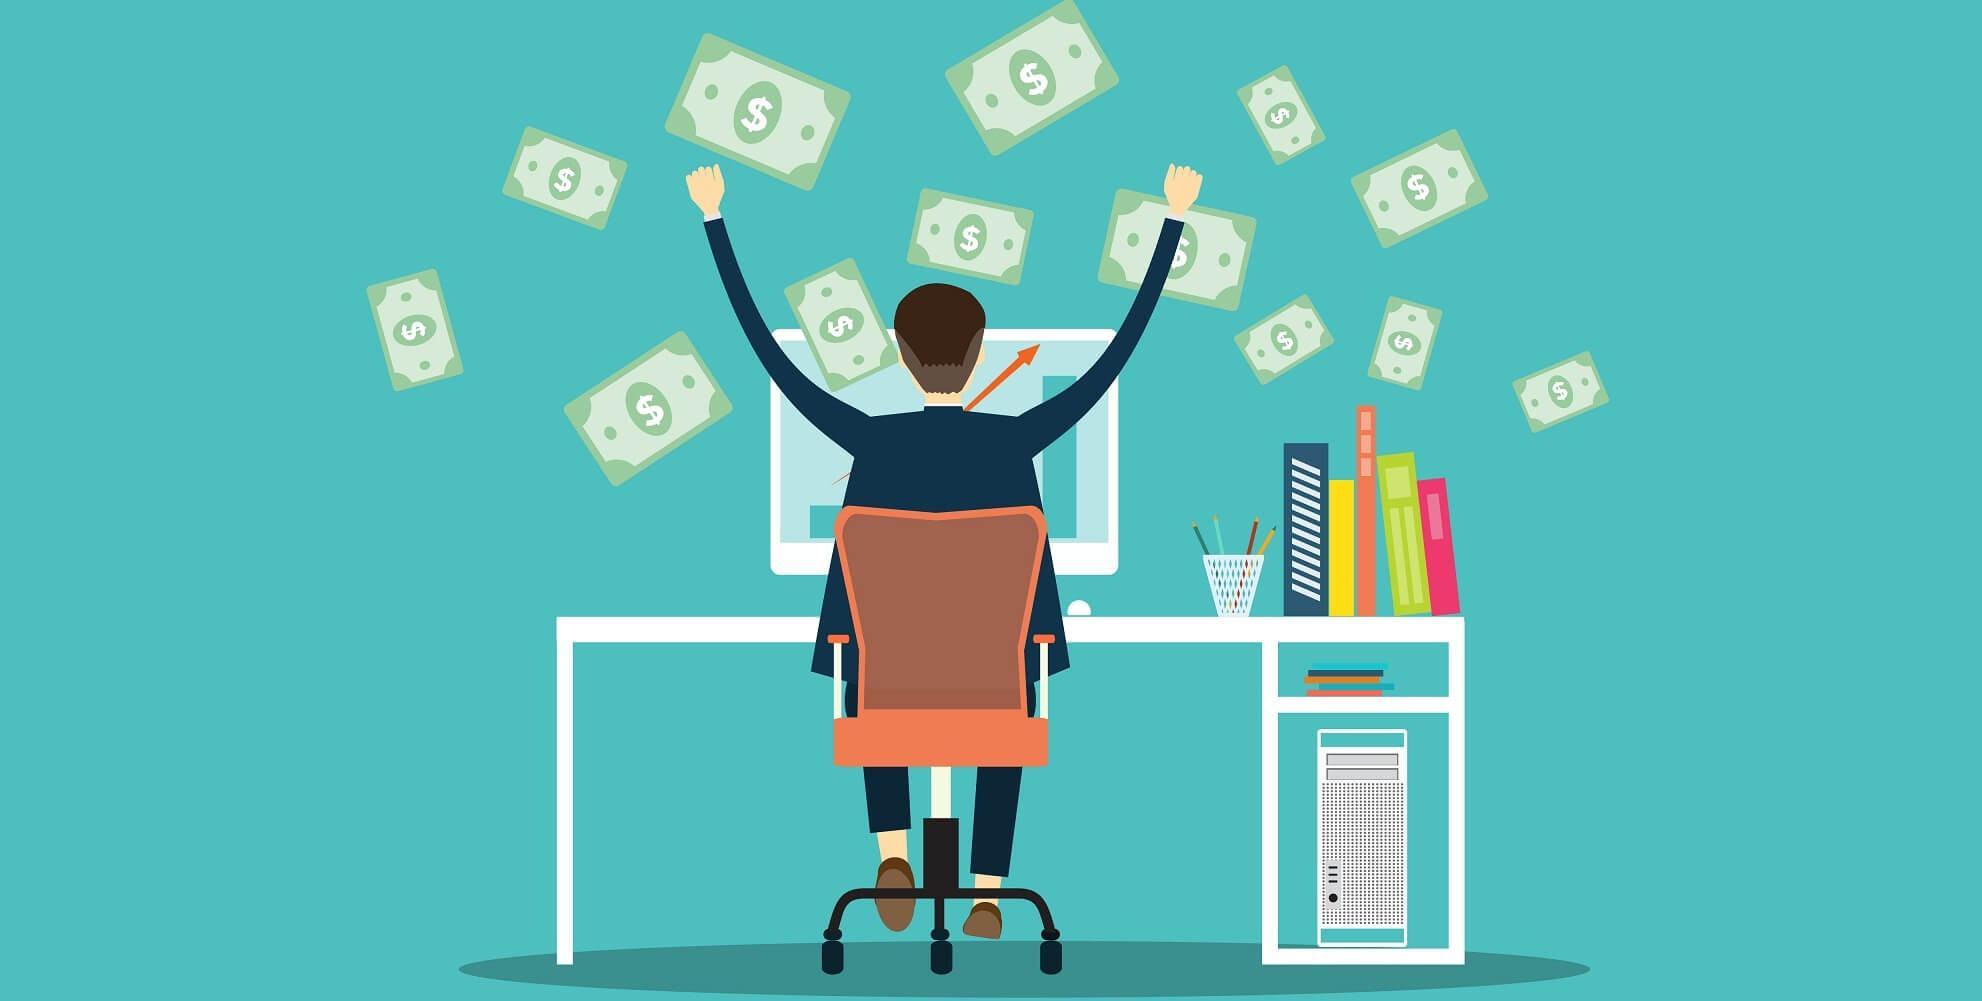 9 mục tiêu tài chính phải đạt được trước tuổi 30 - image online-business on https://atpsoftware.com.vn